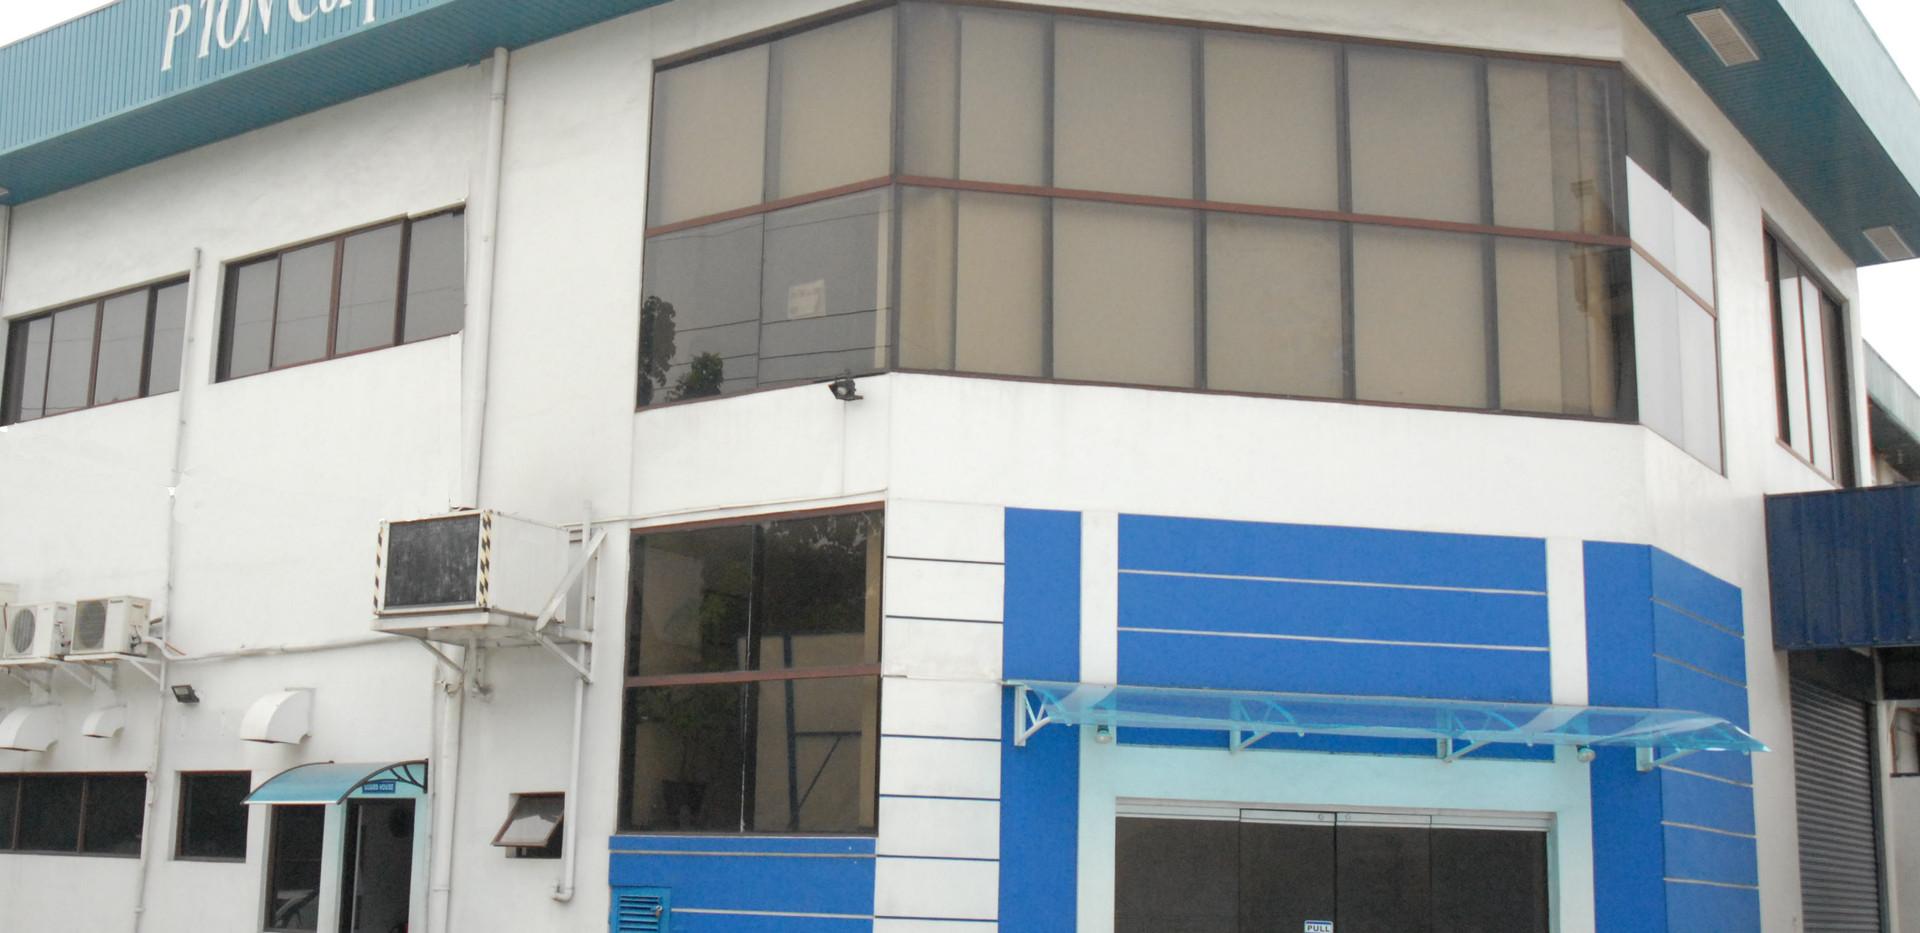 PTON Building copy.jpg